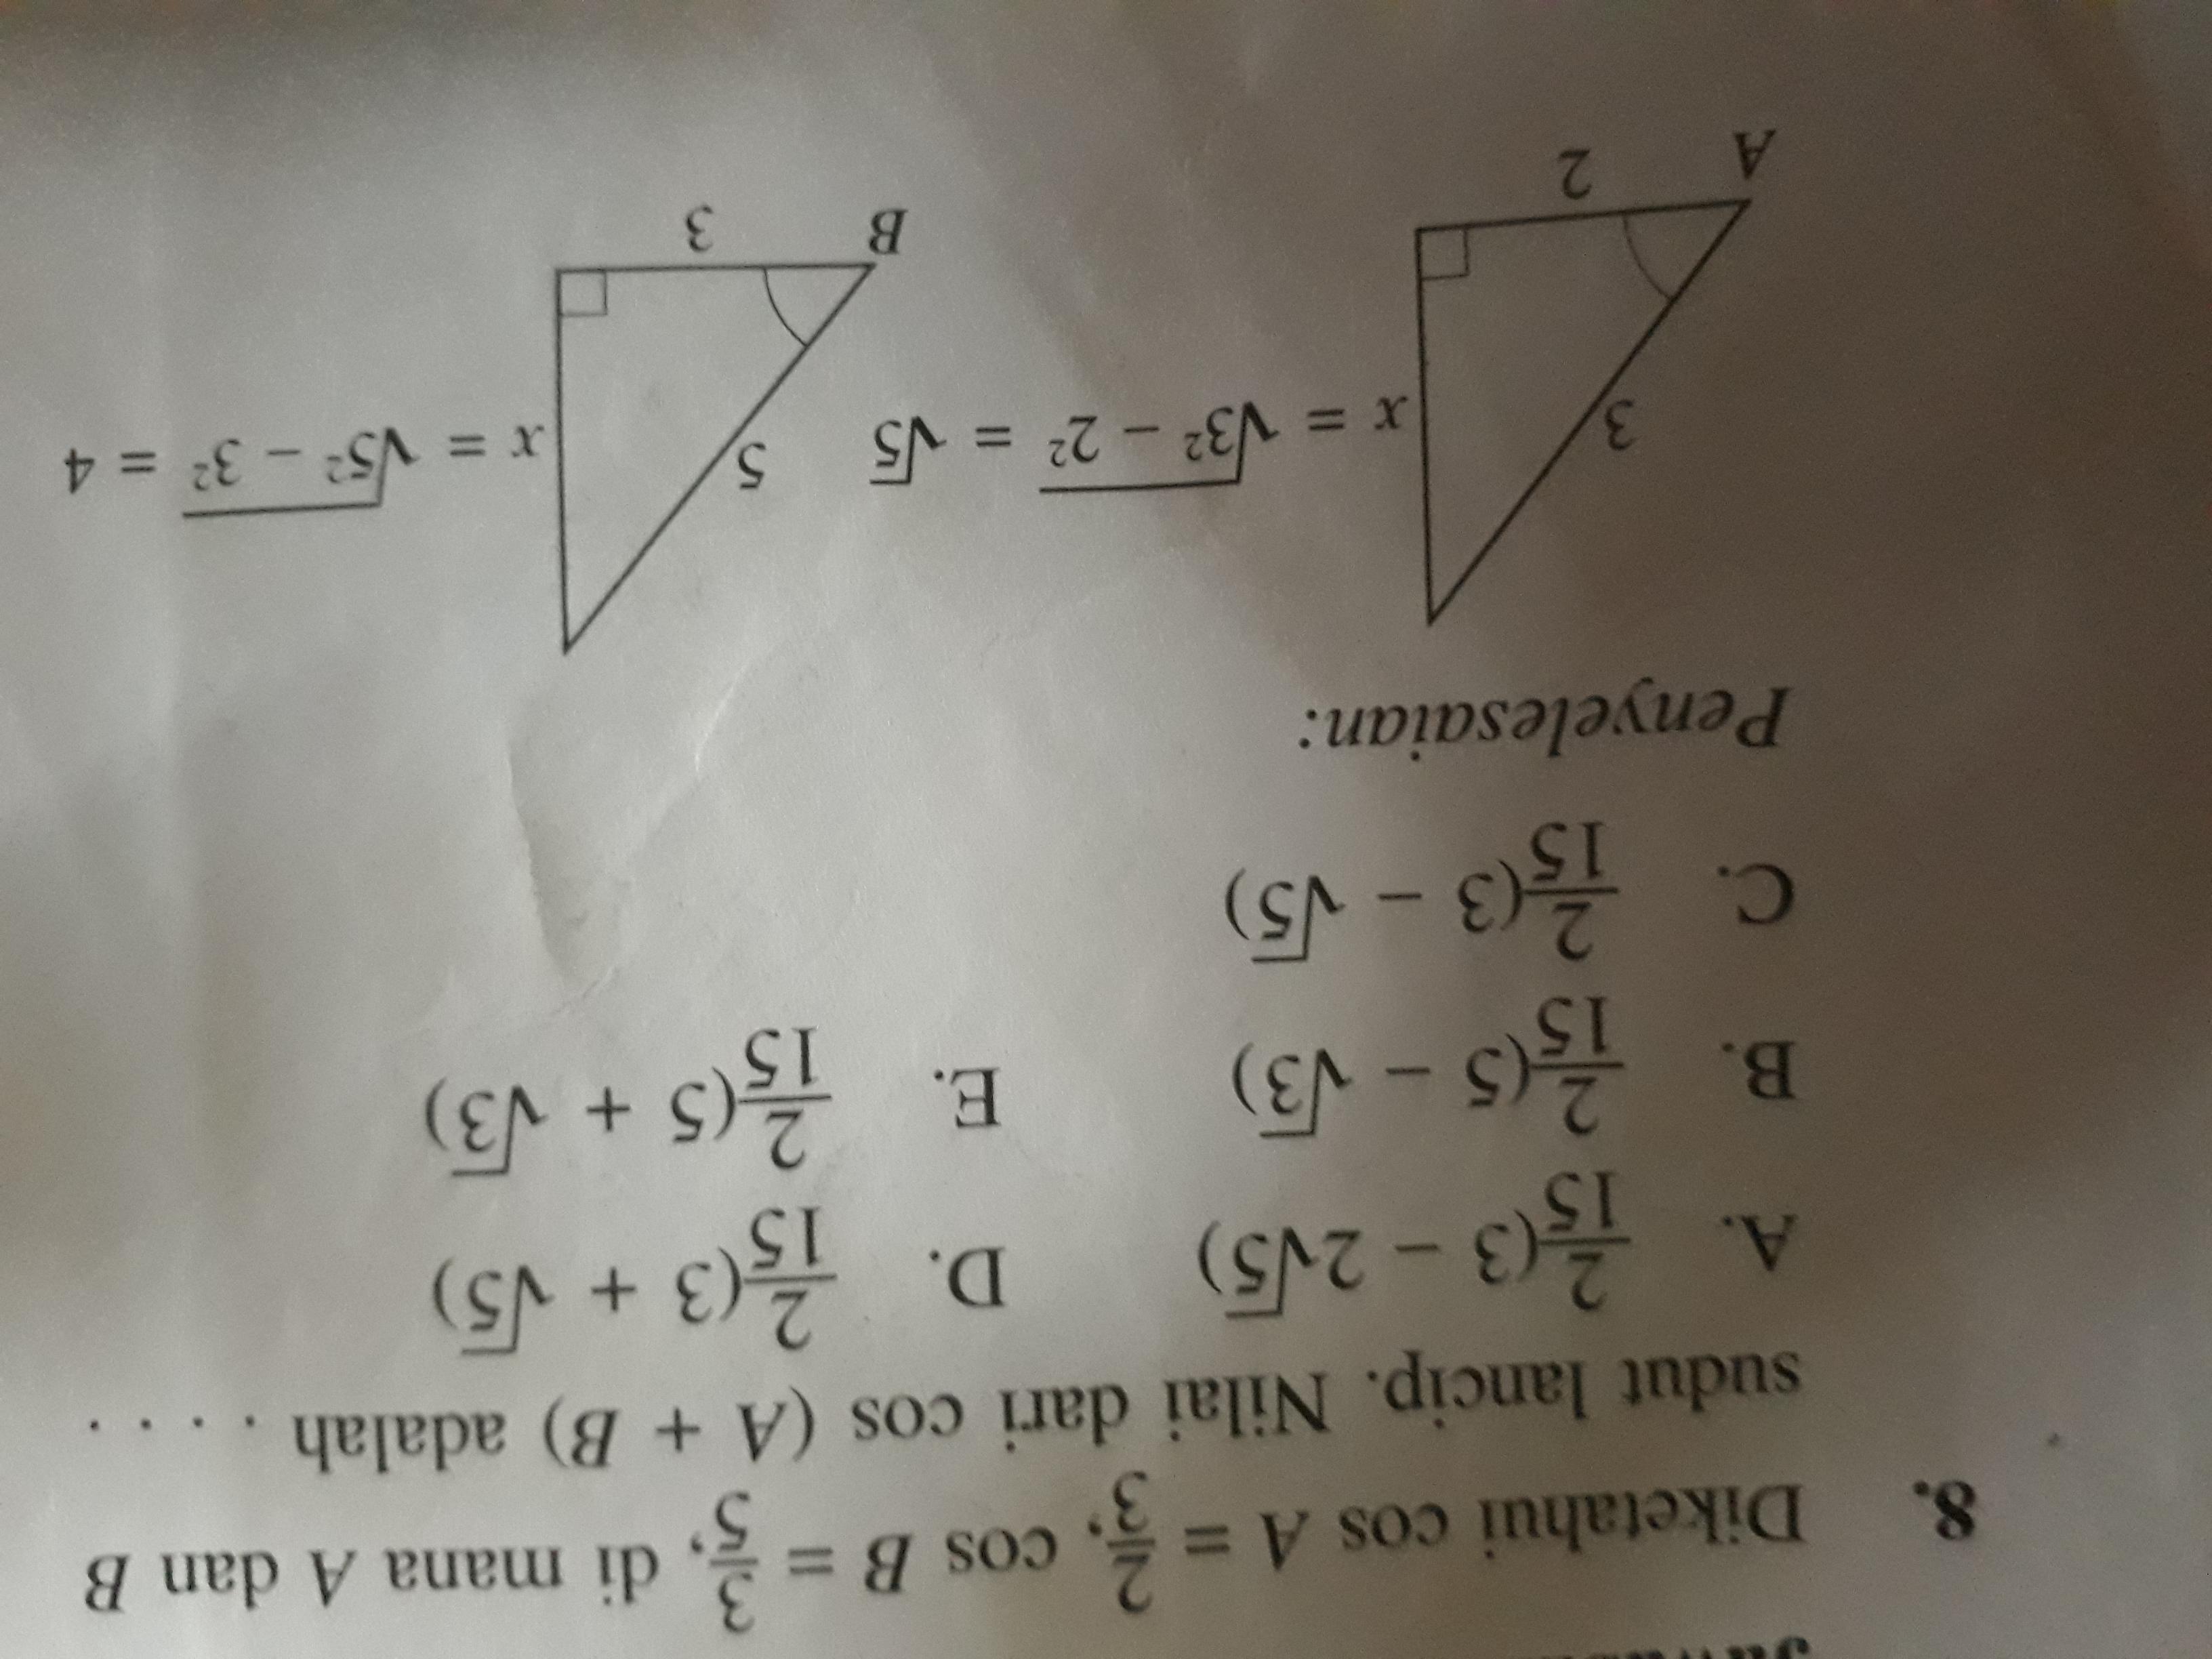 Contoh Soal Pilihan Ganda Perbandingan Trigonometri Brainly Co Id